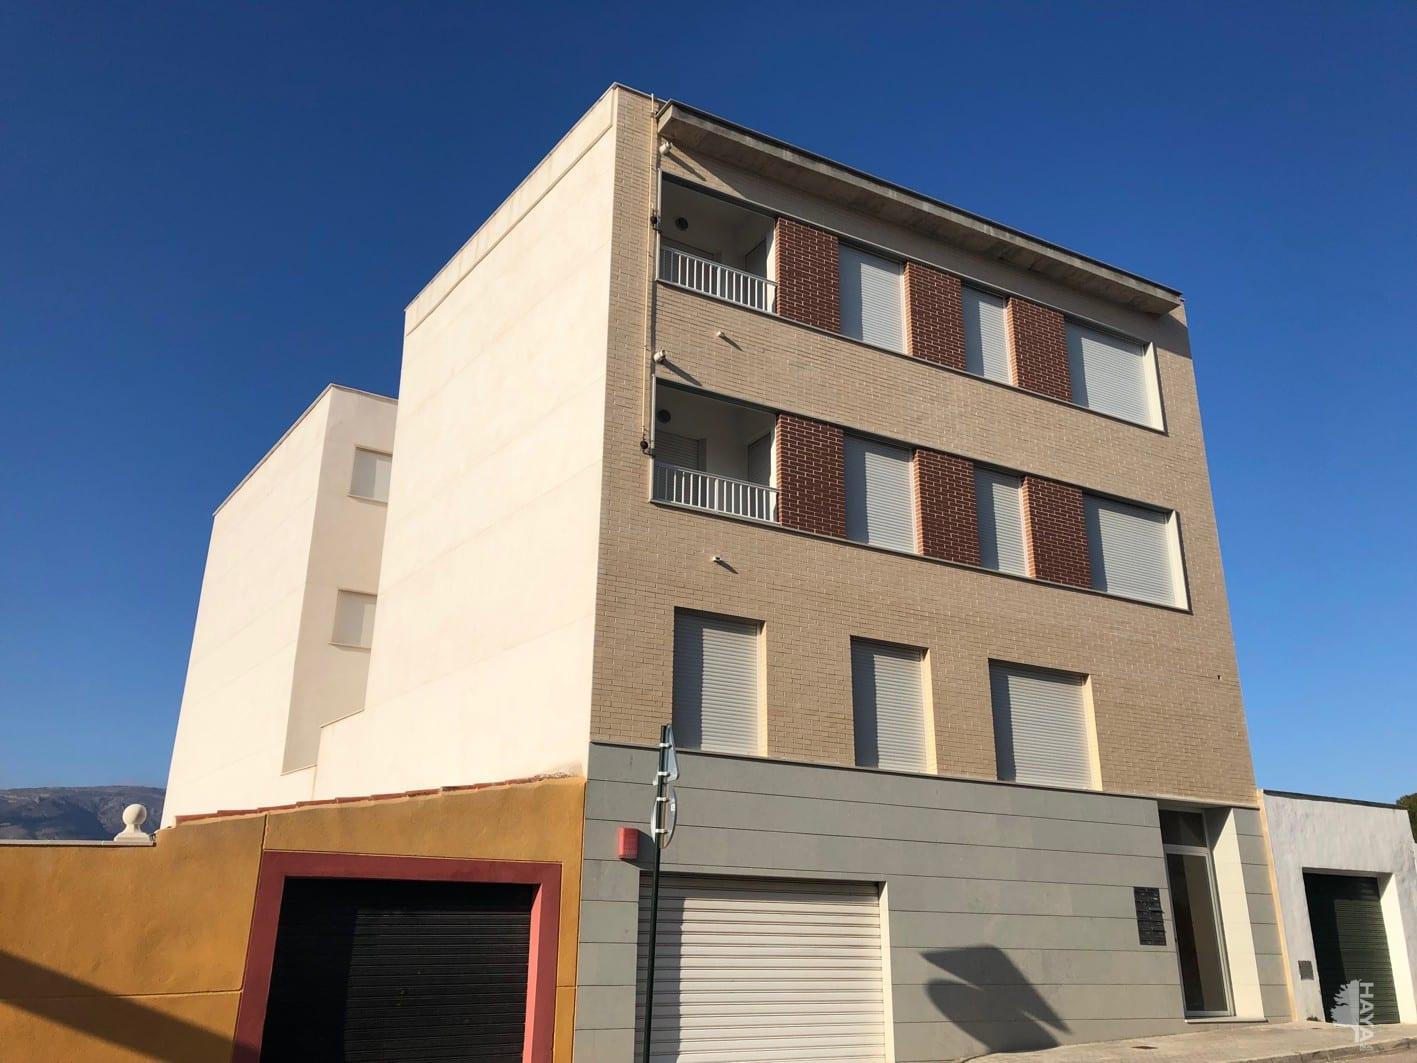 Piso en venta en Viaducte, Alcoy/alcoi, Alicante, Calle Sant Joan de Ribera, 73.000 €, 2 habitaciones, 1 baño, 66 m2